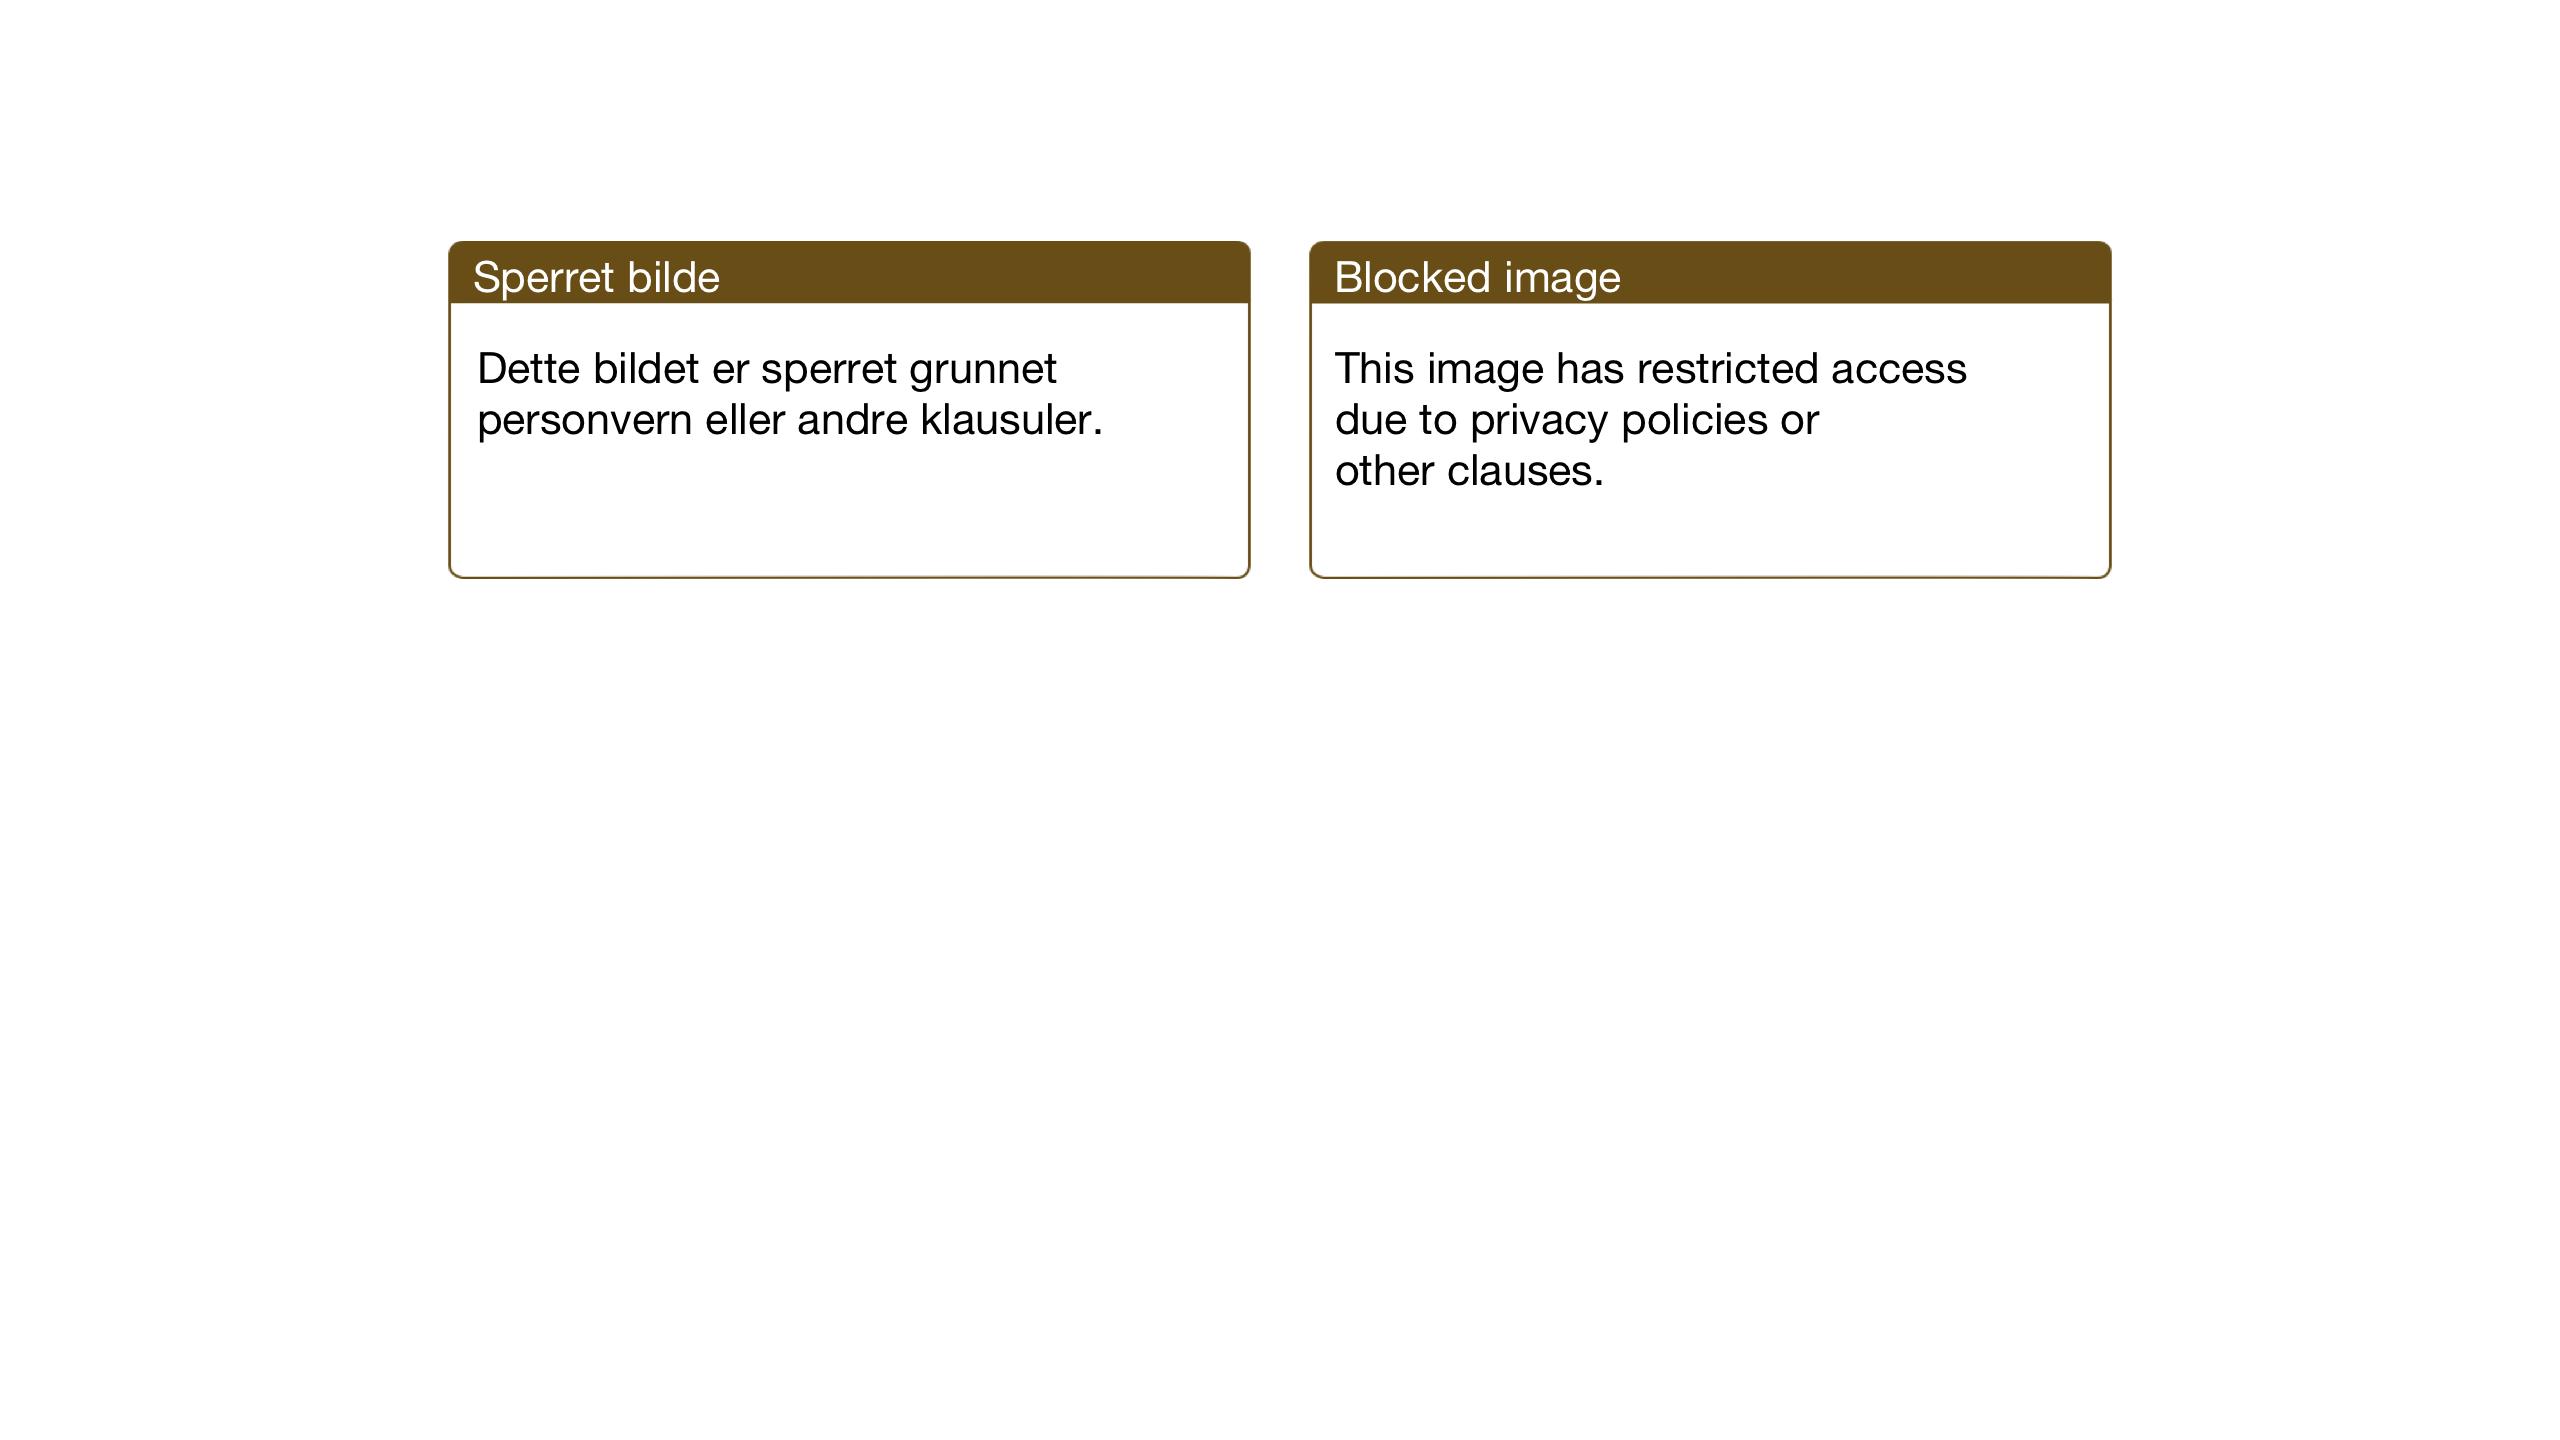 SAT, Ministerialprotokoller, klokkerbøker og fødselsregistre - Nord-Trøndelag, 710/L0097: Klokkerbok nr. 710C02, 1925-1955, s. 54